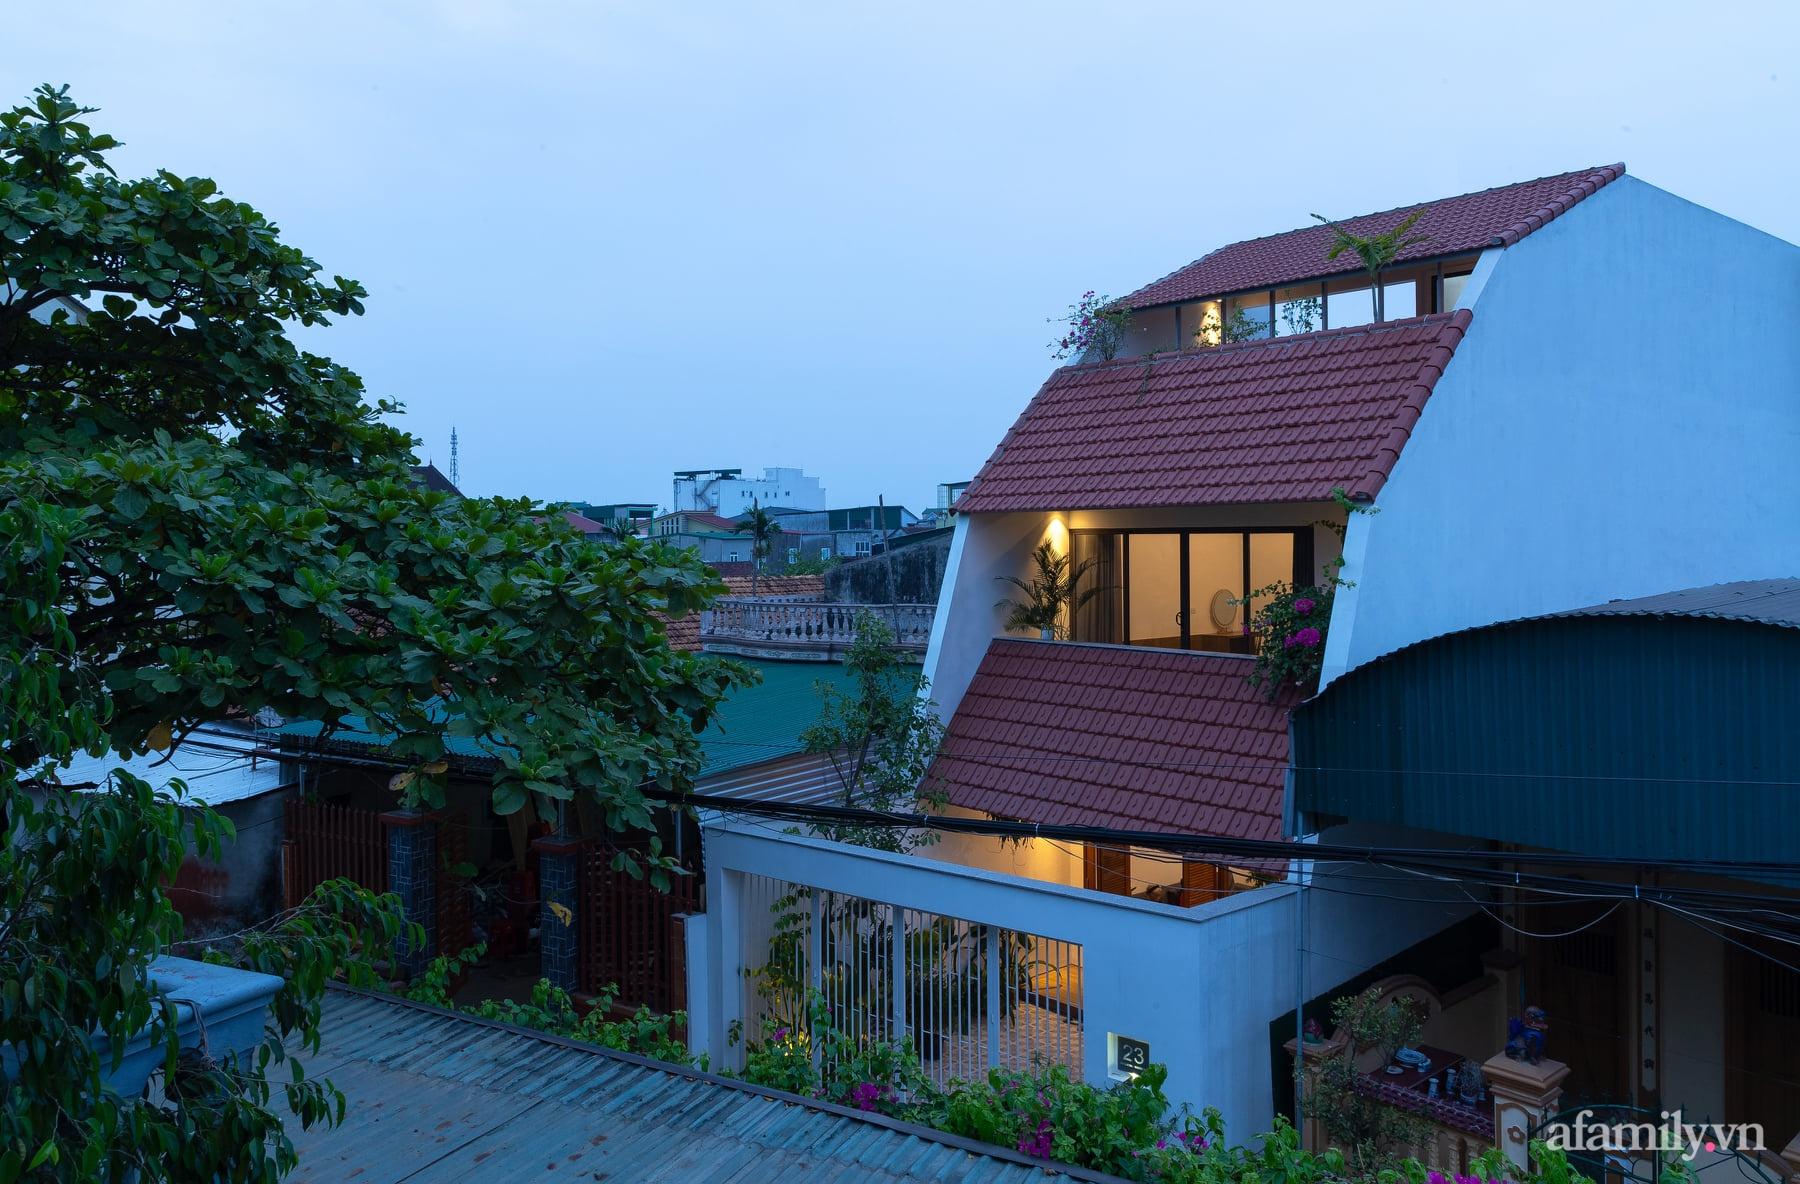 Ngôi nhà ngói gói gọn bình yên với những tiện nghi và hiện đại ở thị trấn nông thôn Nghệ An - Ảnh 3.